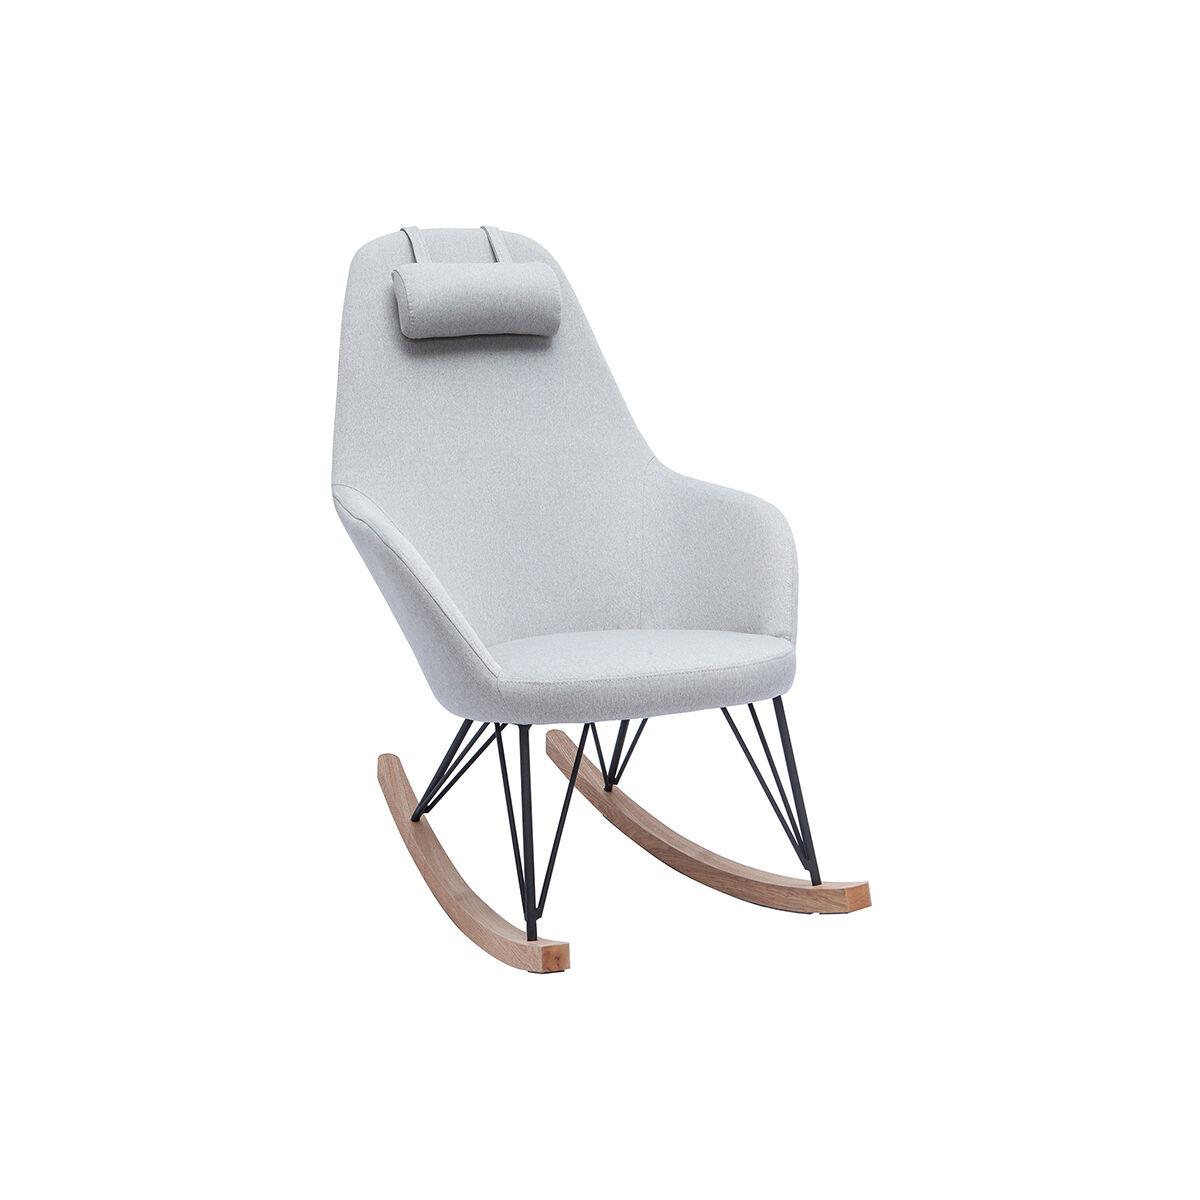 Miliboo Rocking chair en tissu gris avec pieds métal et frêne JHENE